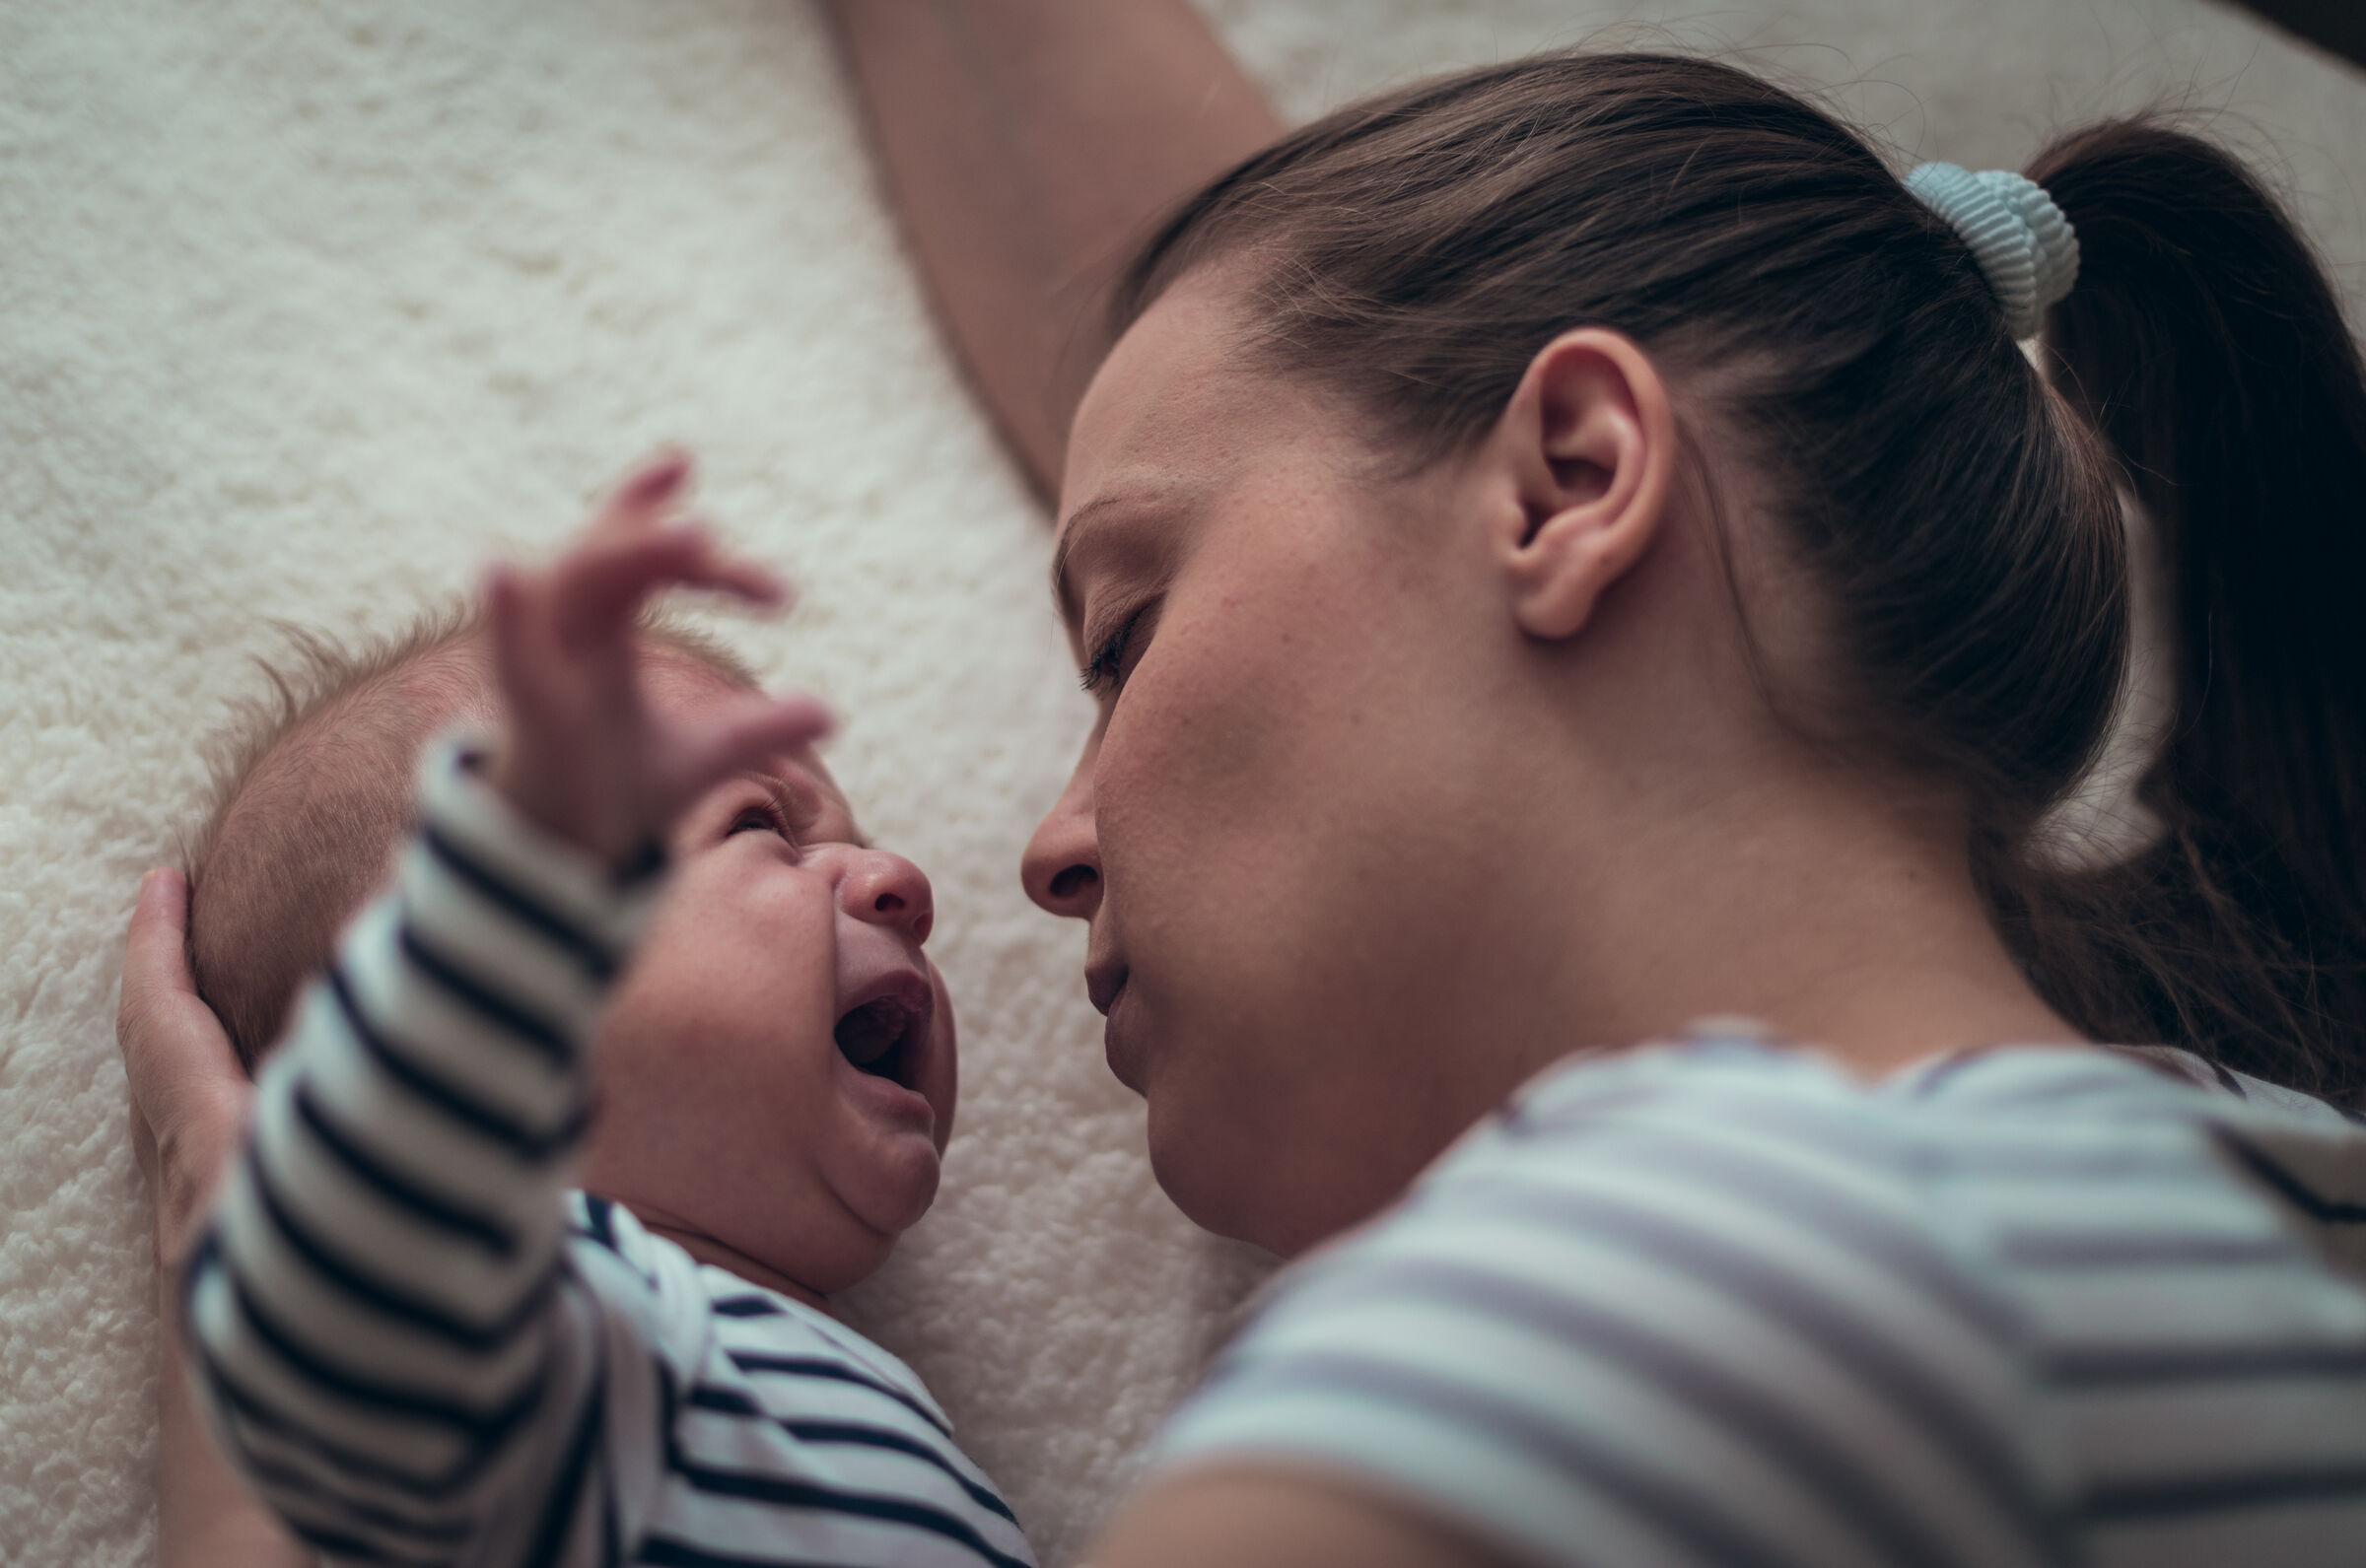 Mãe tentando acalmar bebê chorando - bebê high need